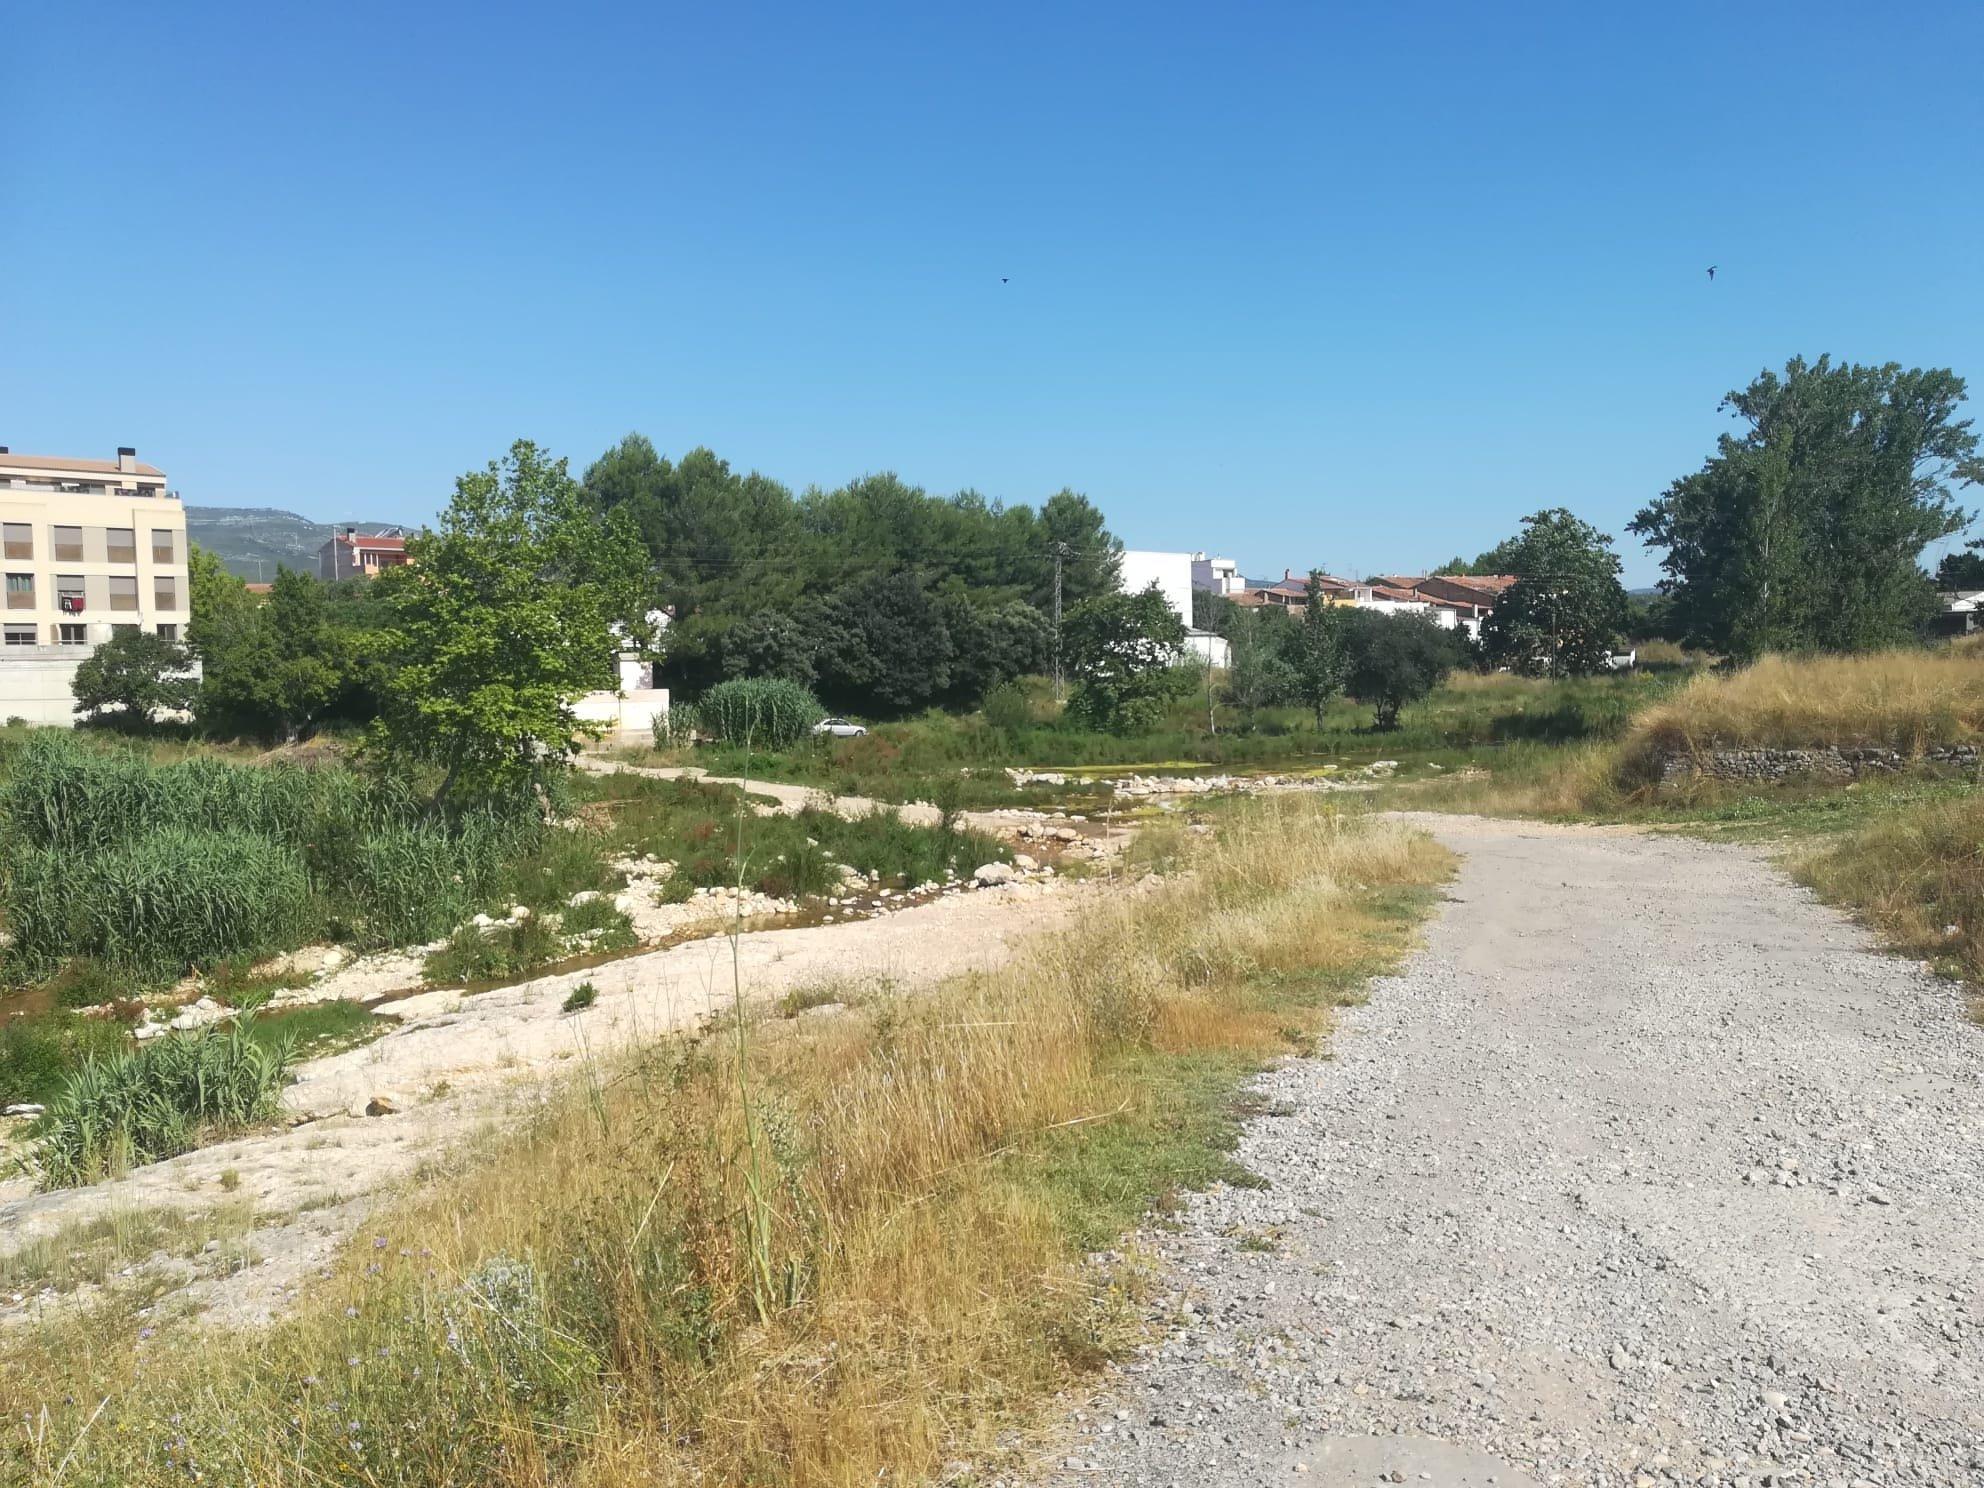 L'Ajuntament de les Coves de Vinromà instal·larà una passarel·la que connectarà el nucli urbà amb el Poliesportiu